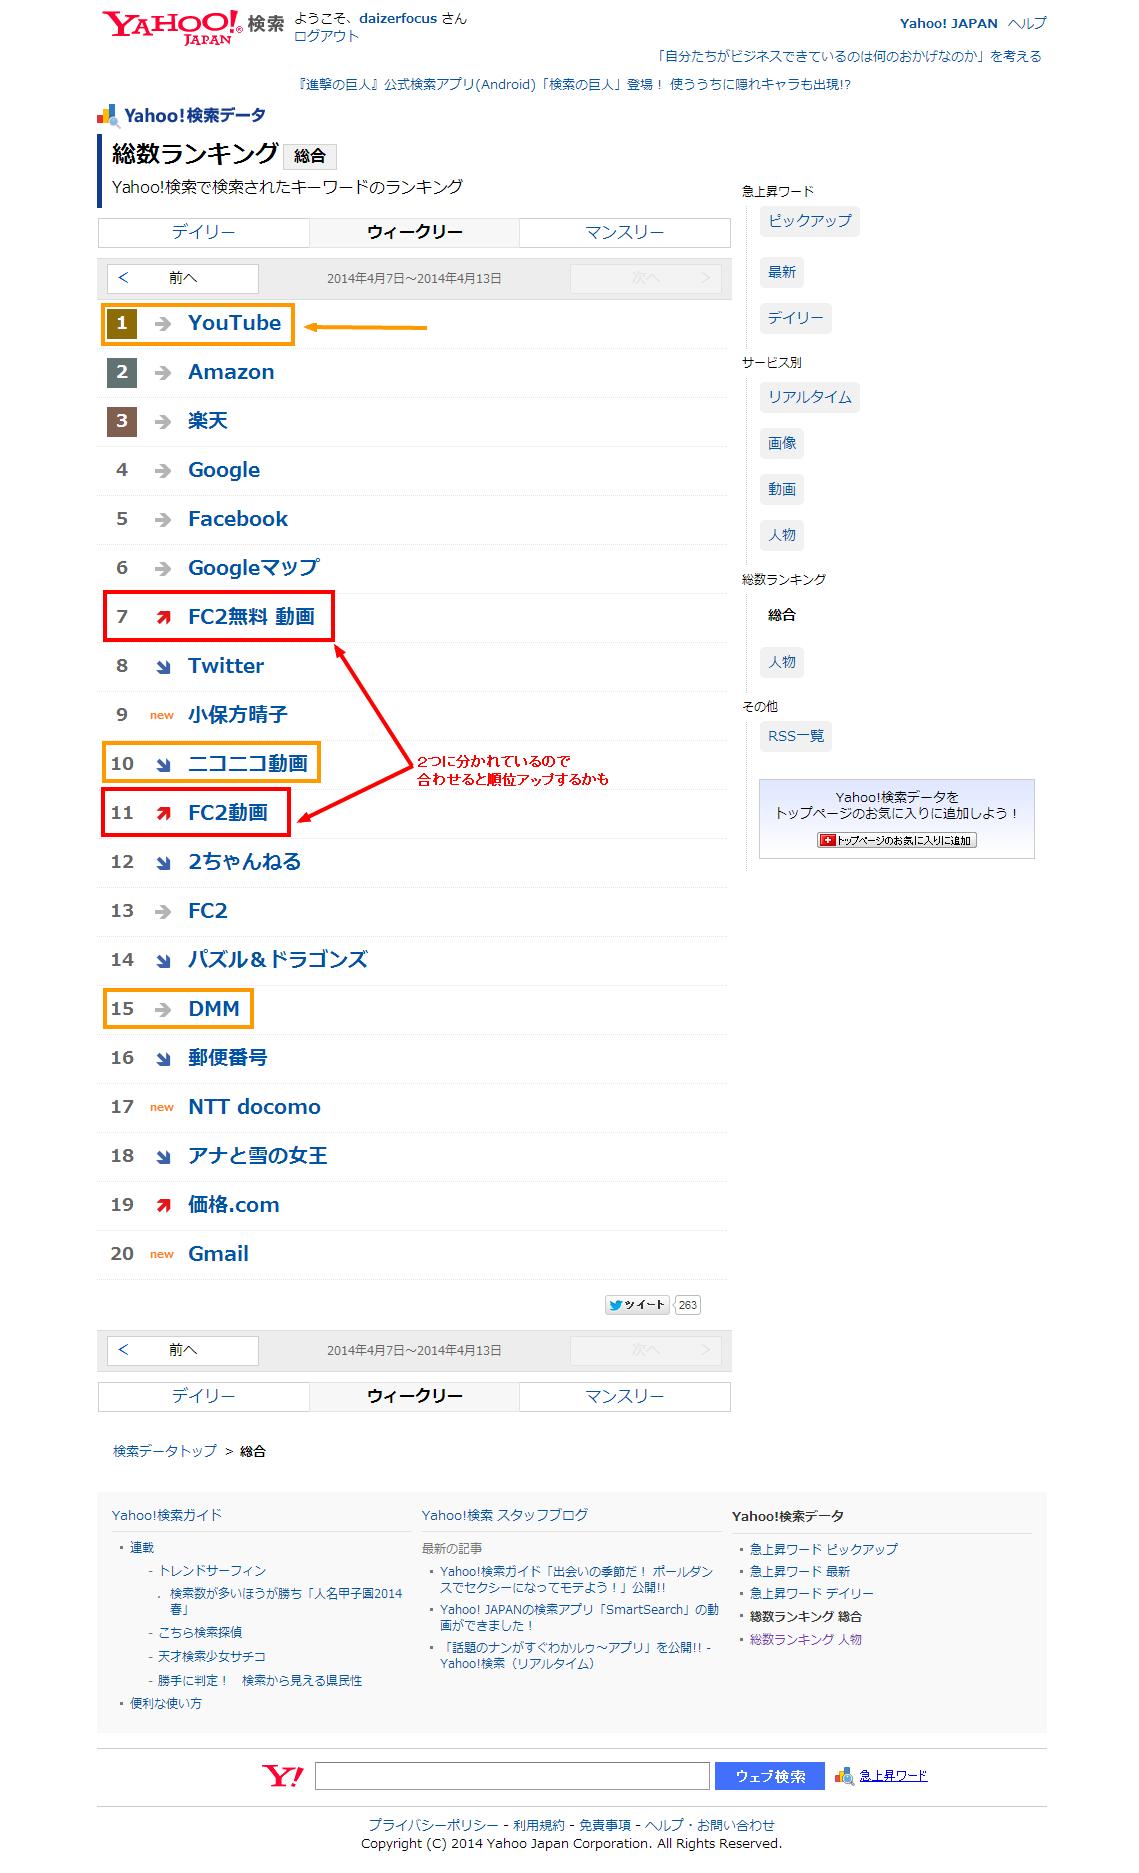 総数ランキング 総合   Yahoo 検索データ